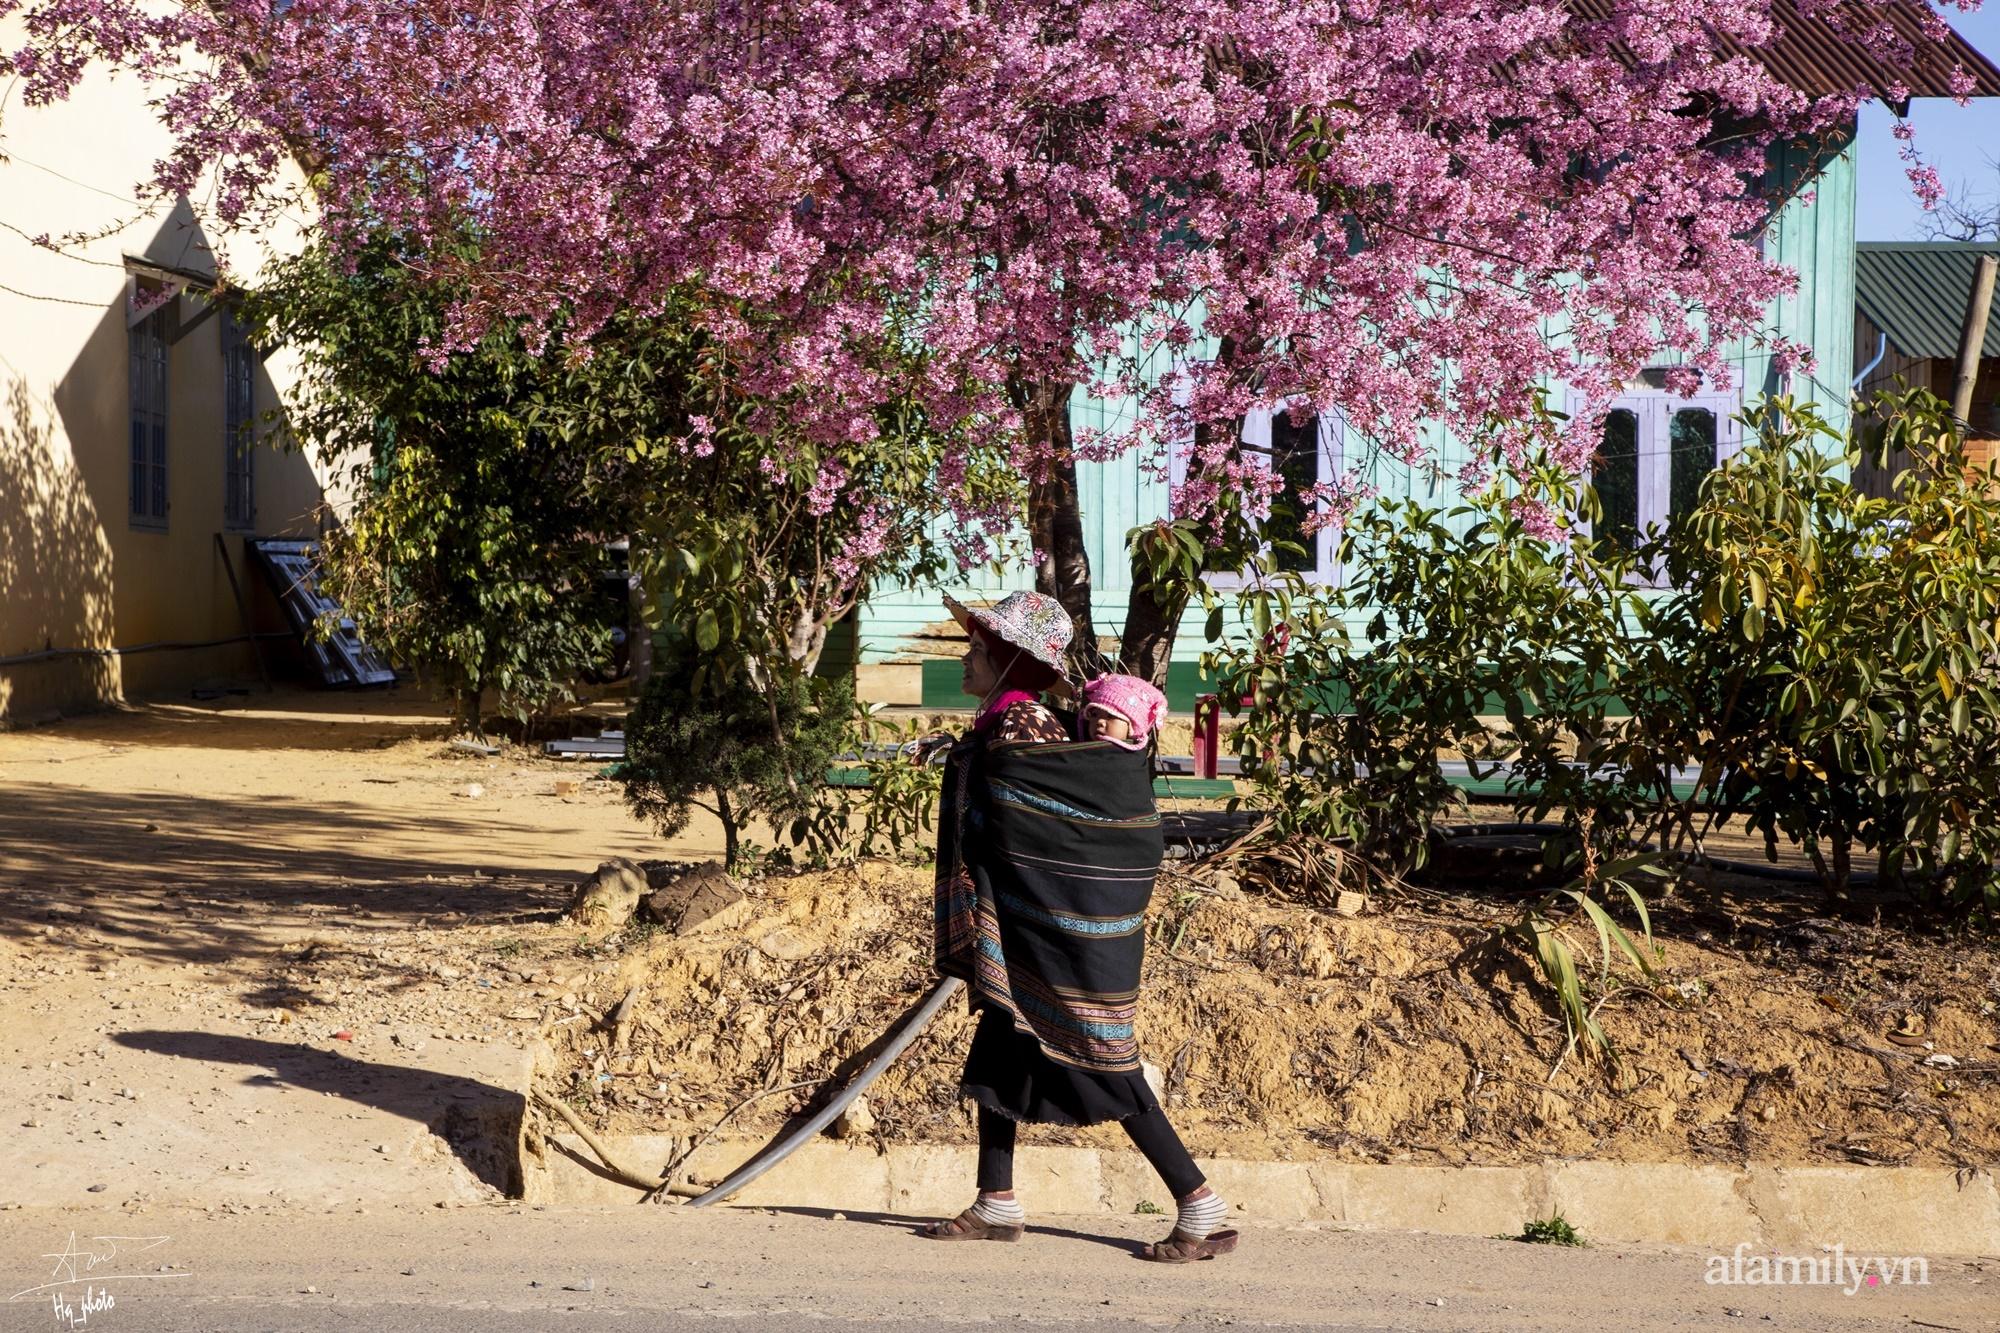 Ngắm hoa mai anh đào nở rợp trời ở ngôi làng đẹp lạ như Tây Tạng, nằm ngay gần trung tâm TP. Đà Lạt mà không phải ai cũng biết - Ảnh 11.